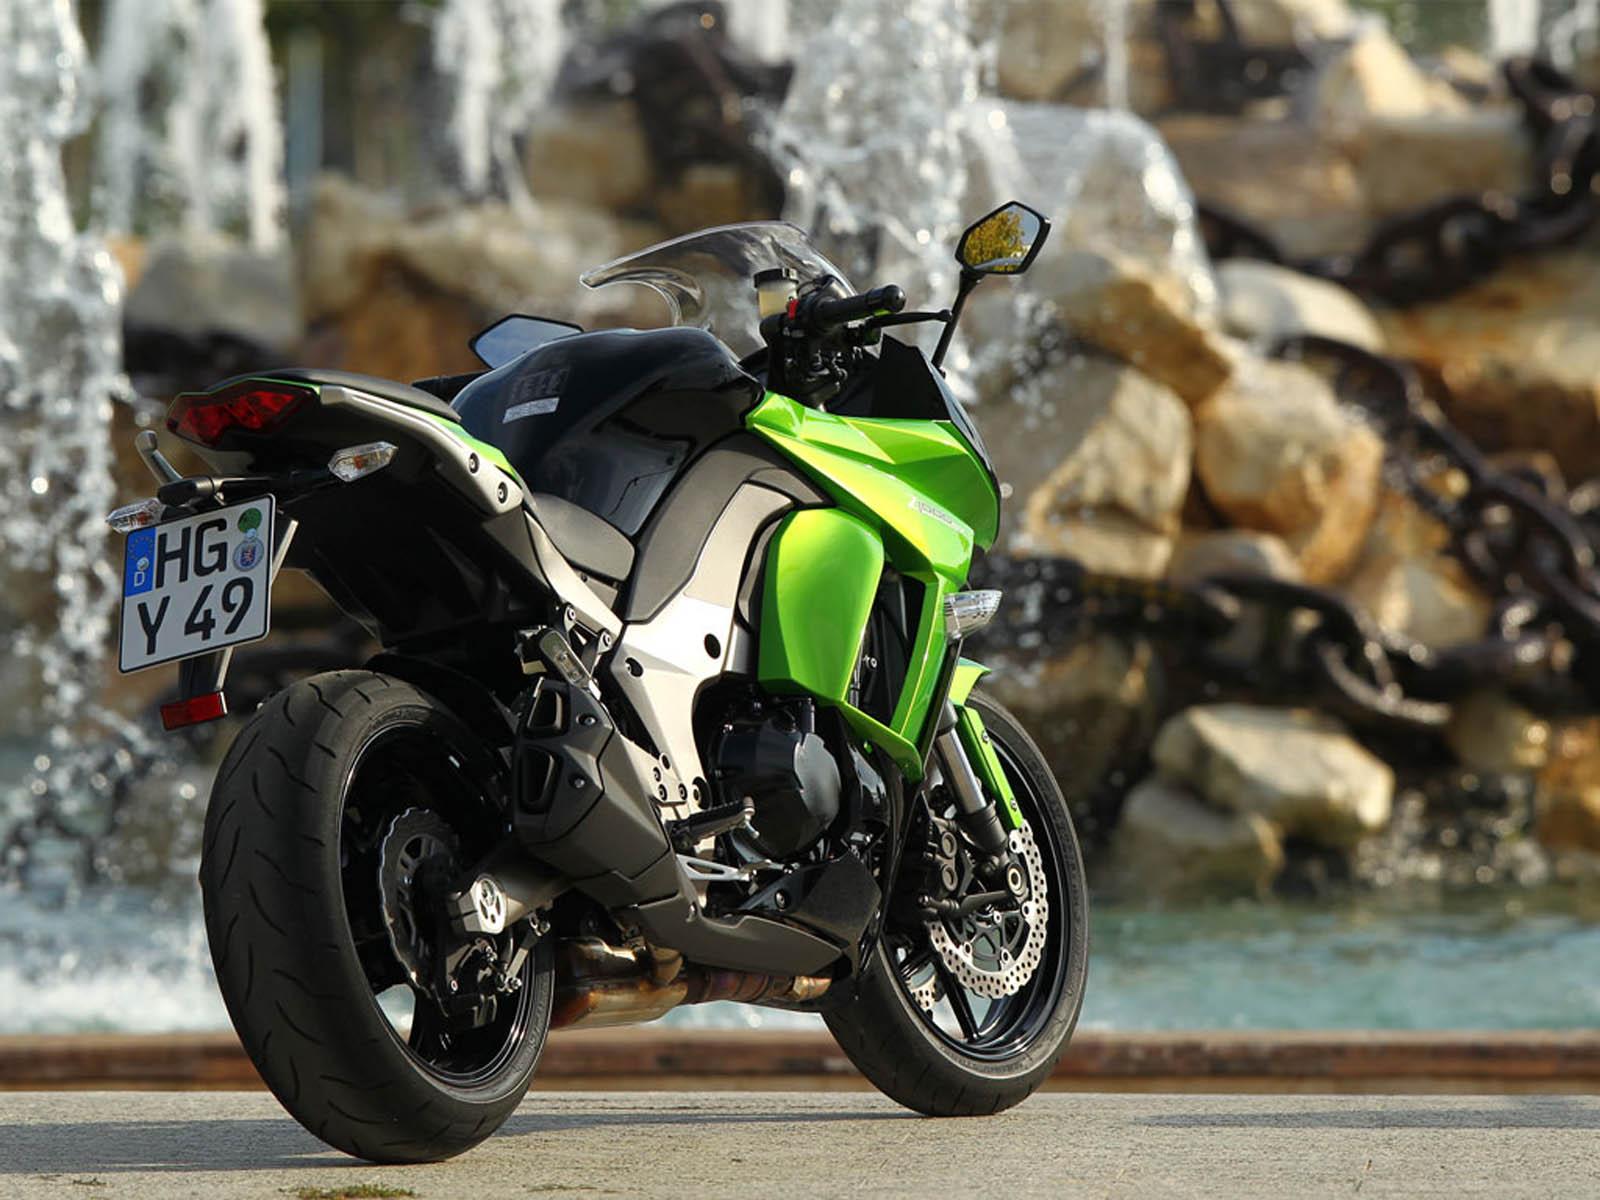 Wallpaper: Kawasaki Z1000sx Bike Paos